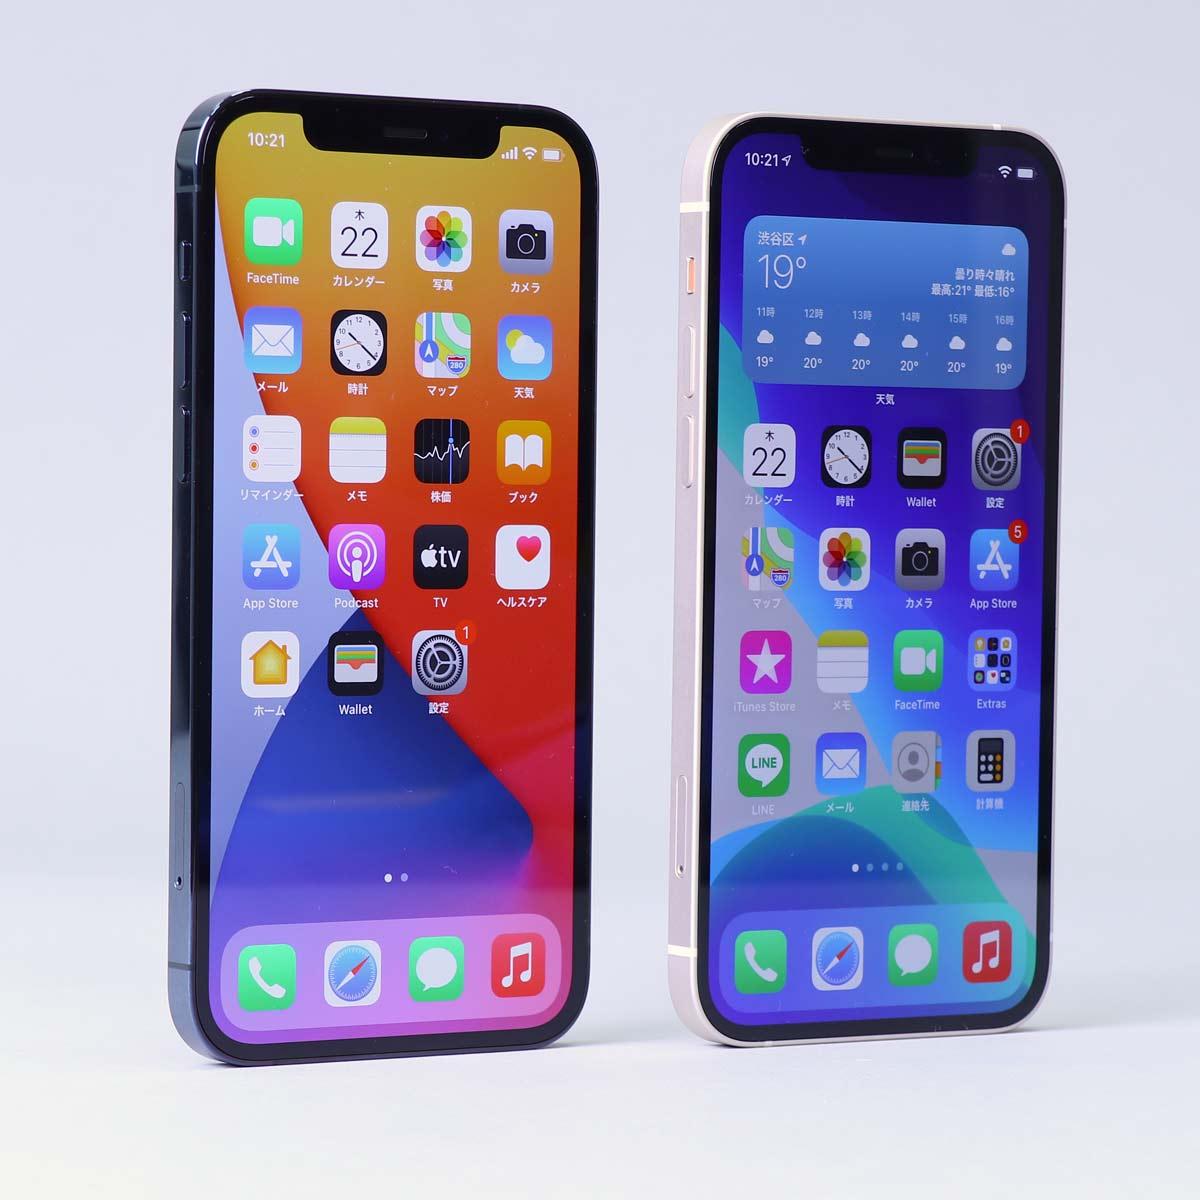 「iPhone 12」と「iPhone 12 Pro」を徹底レビュー! 5G、カメラ、MagSafeなど気になるポイント満載